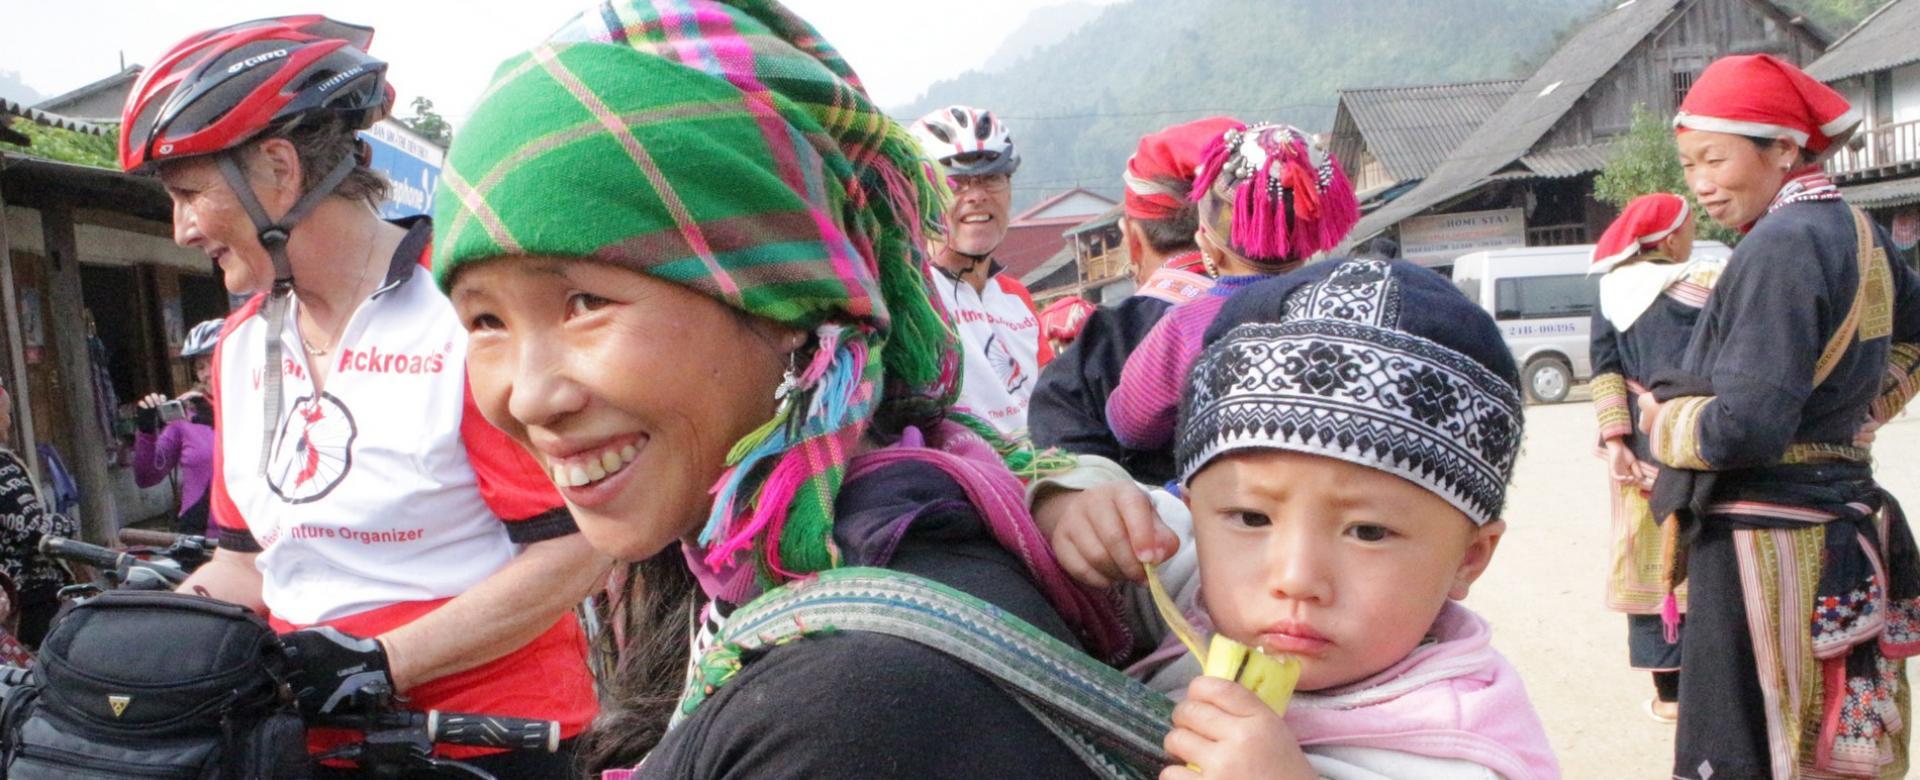 Cycling to Sapa, Than Uyen, Tuan Giao, Muong Lay, Dien Bien, Son La, Moc Chau, Mai Chau